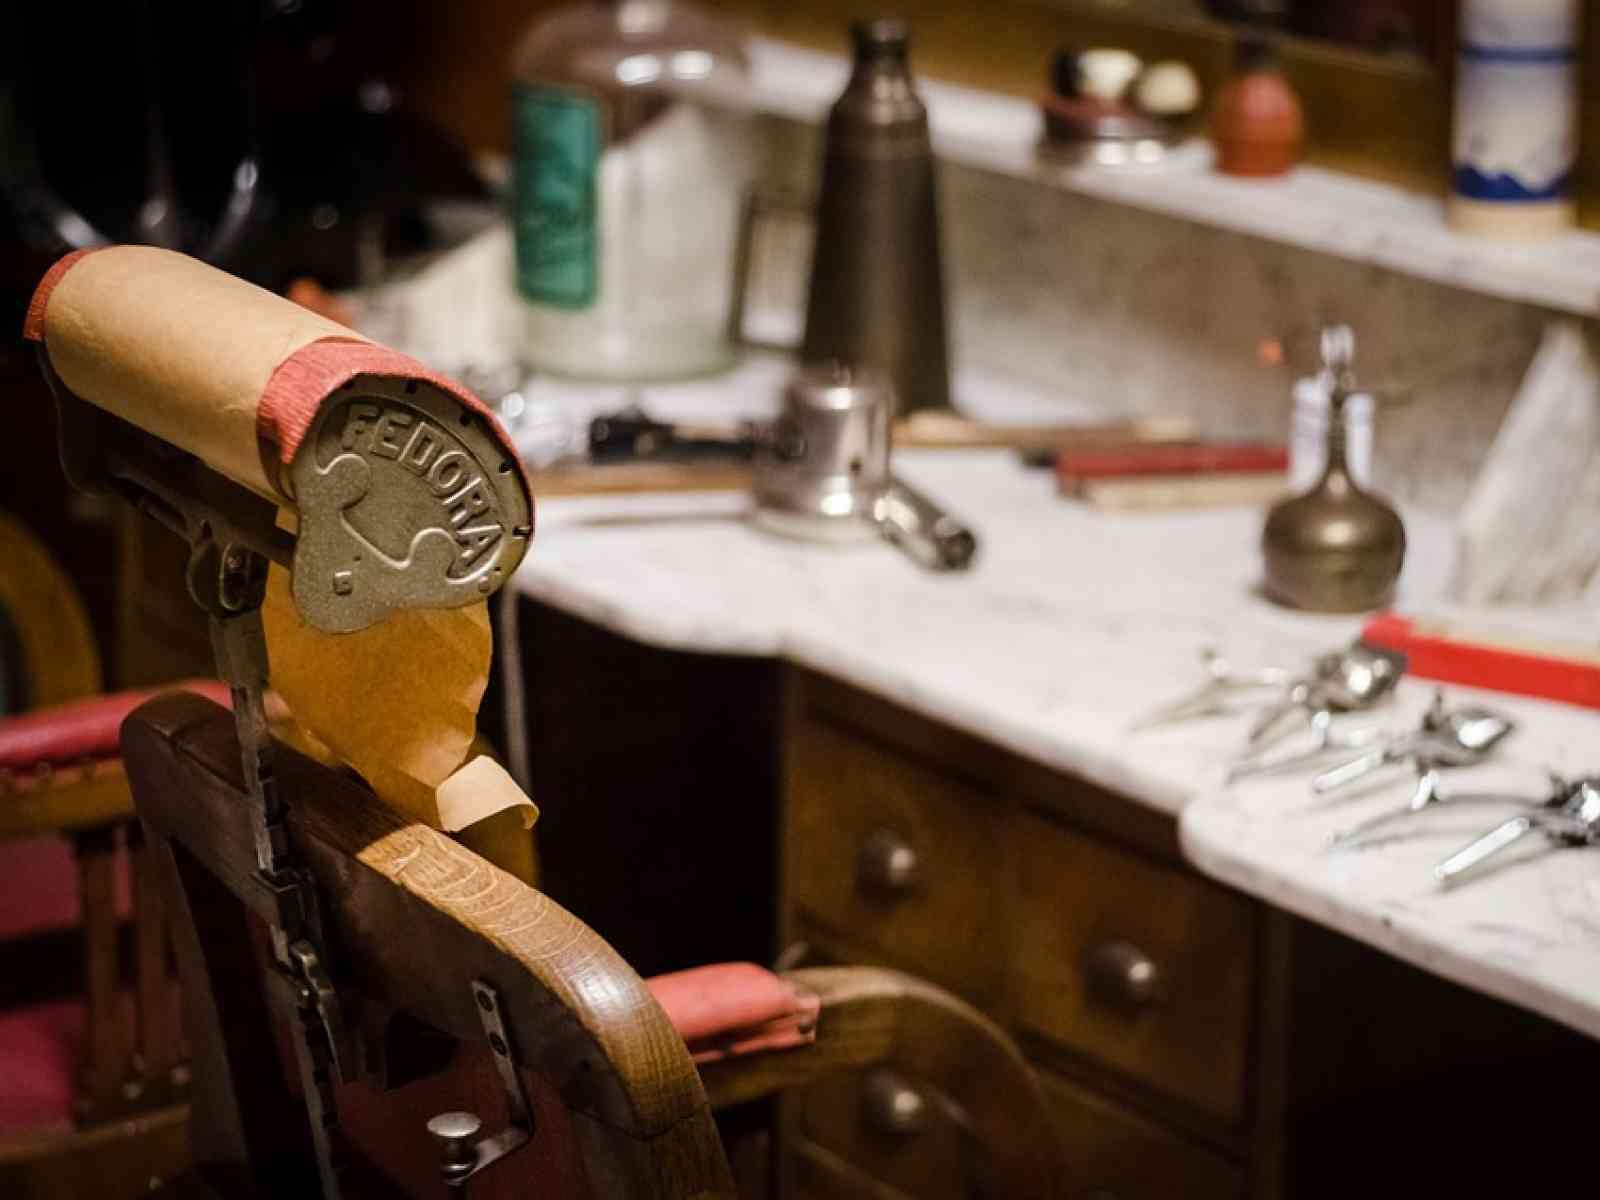 Immagine articolo: Perché i parrucchieri chiudono il lunedì? Ecco perché